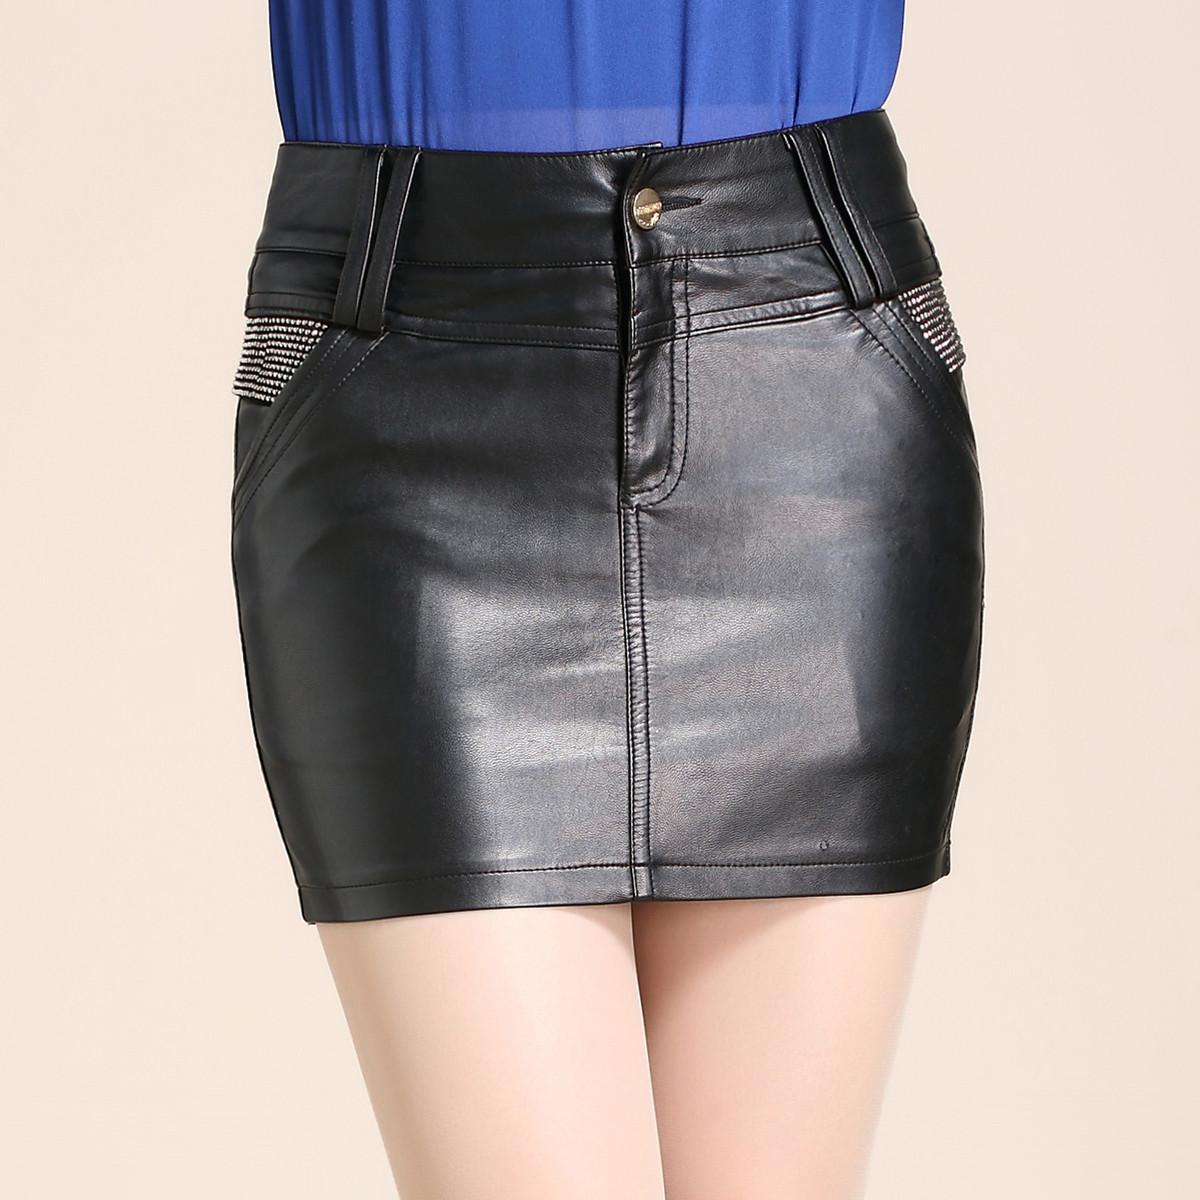 冬季新款皮短裙女大码亮钻显瘦修身PU皮短裙半身包臀裙女装短皮裙